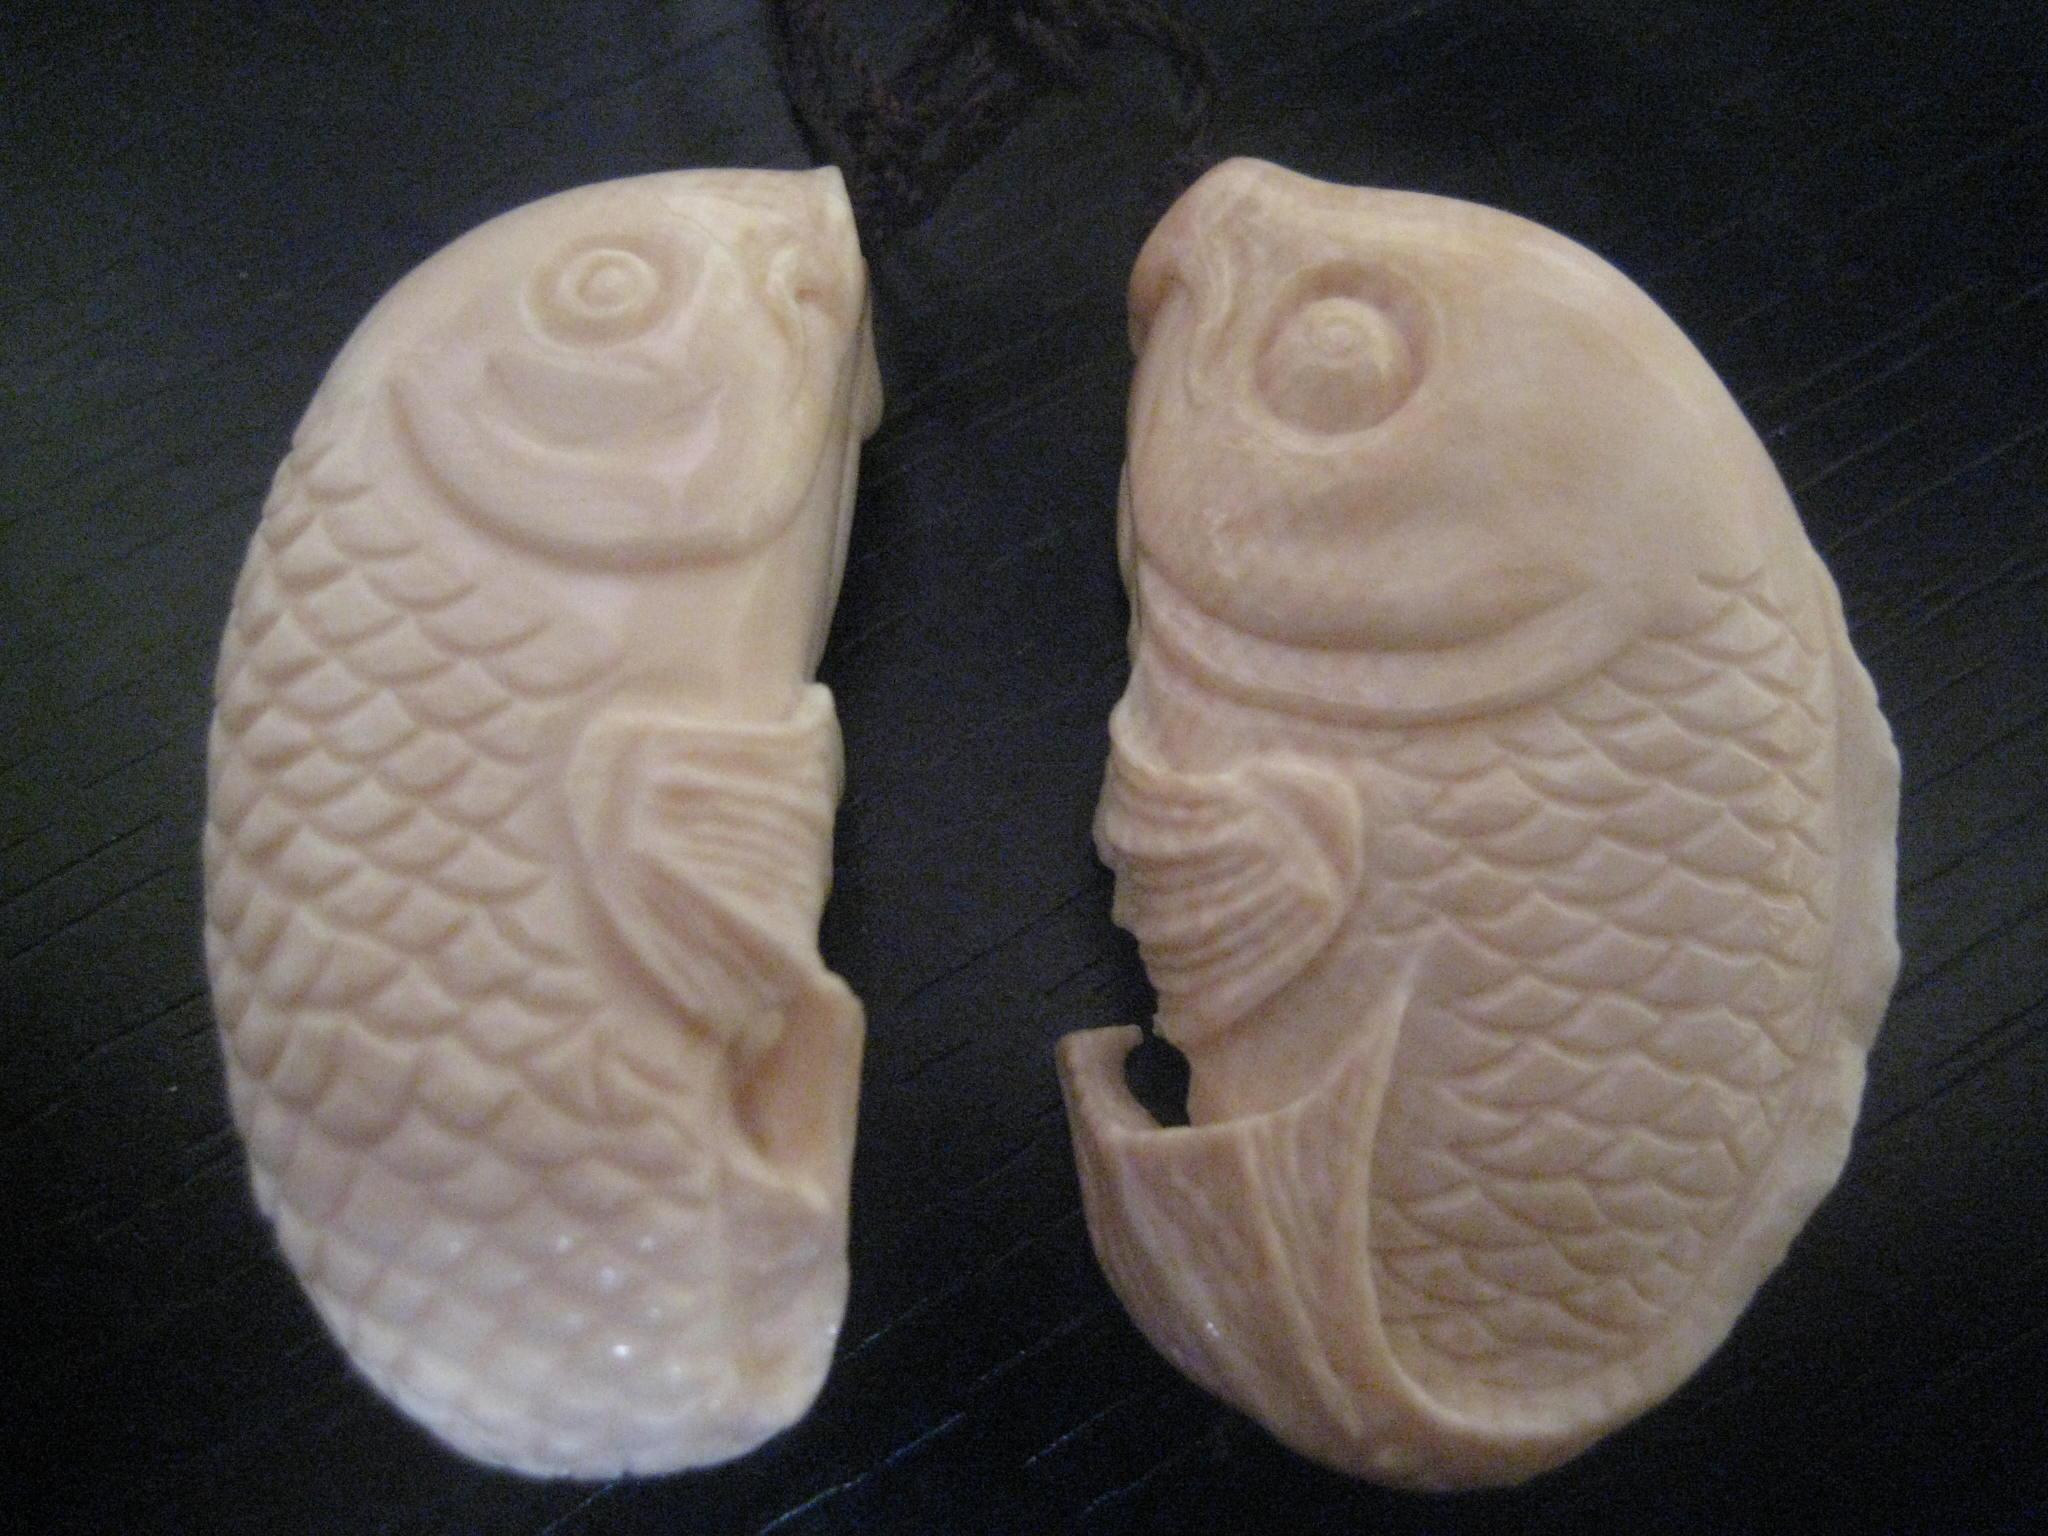 古玩竹木雕漆器 → 立体双面精雕象牙小鱼儿